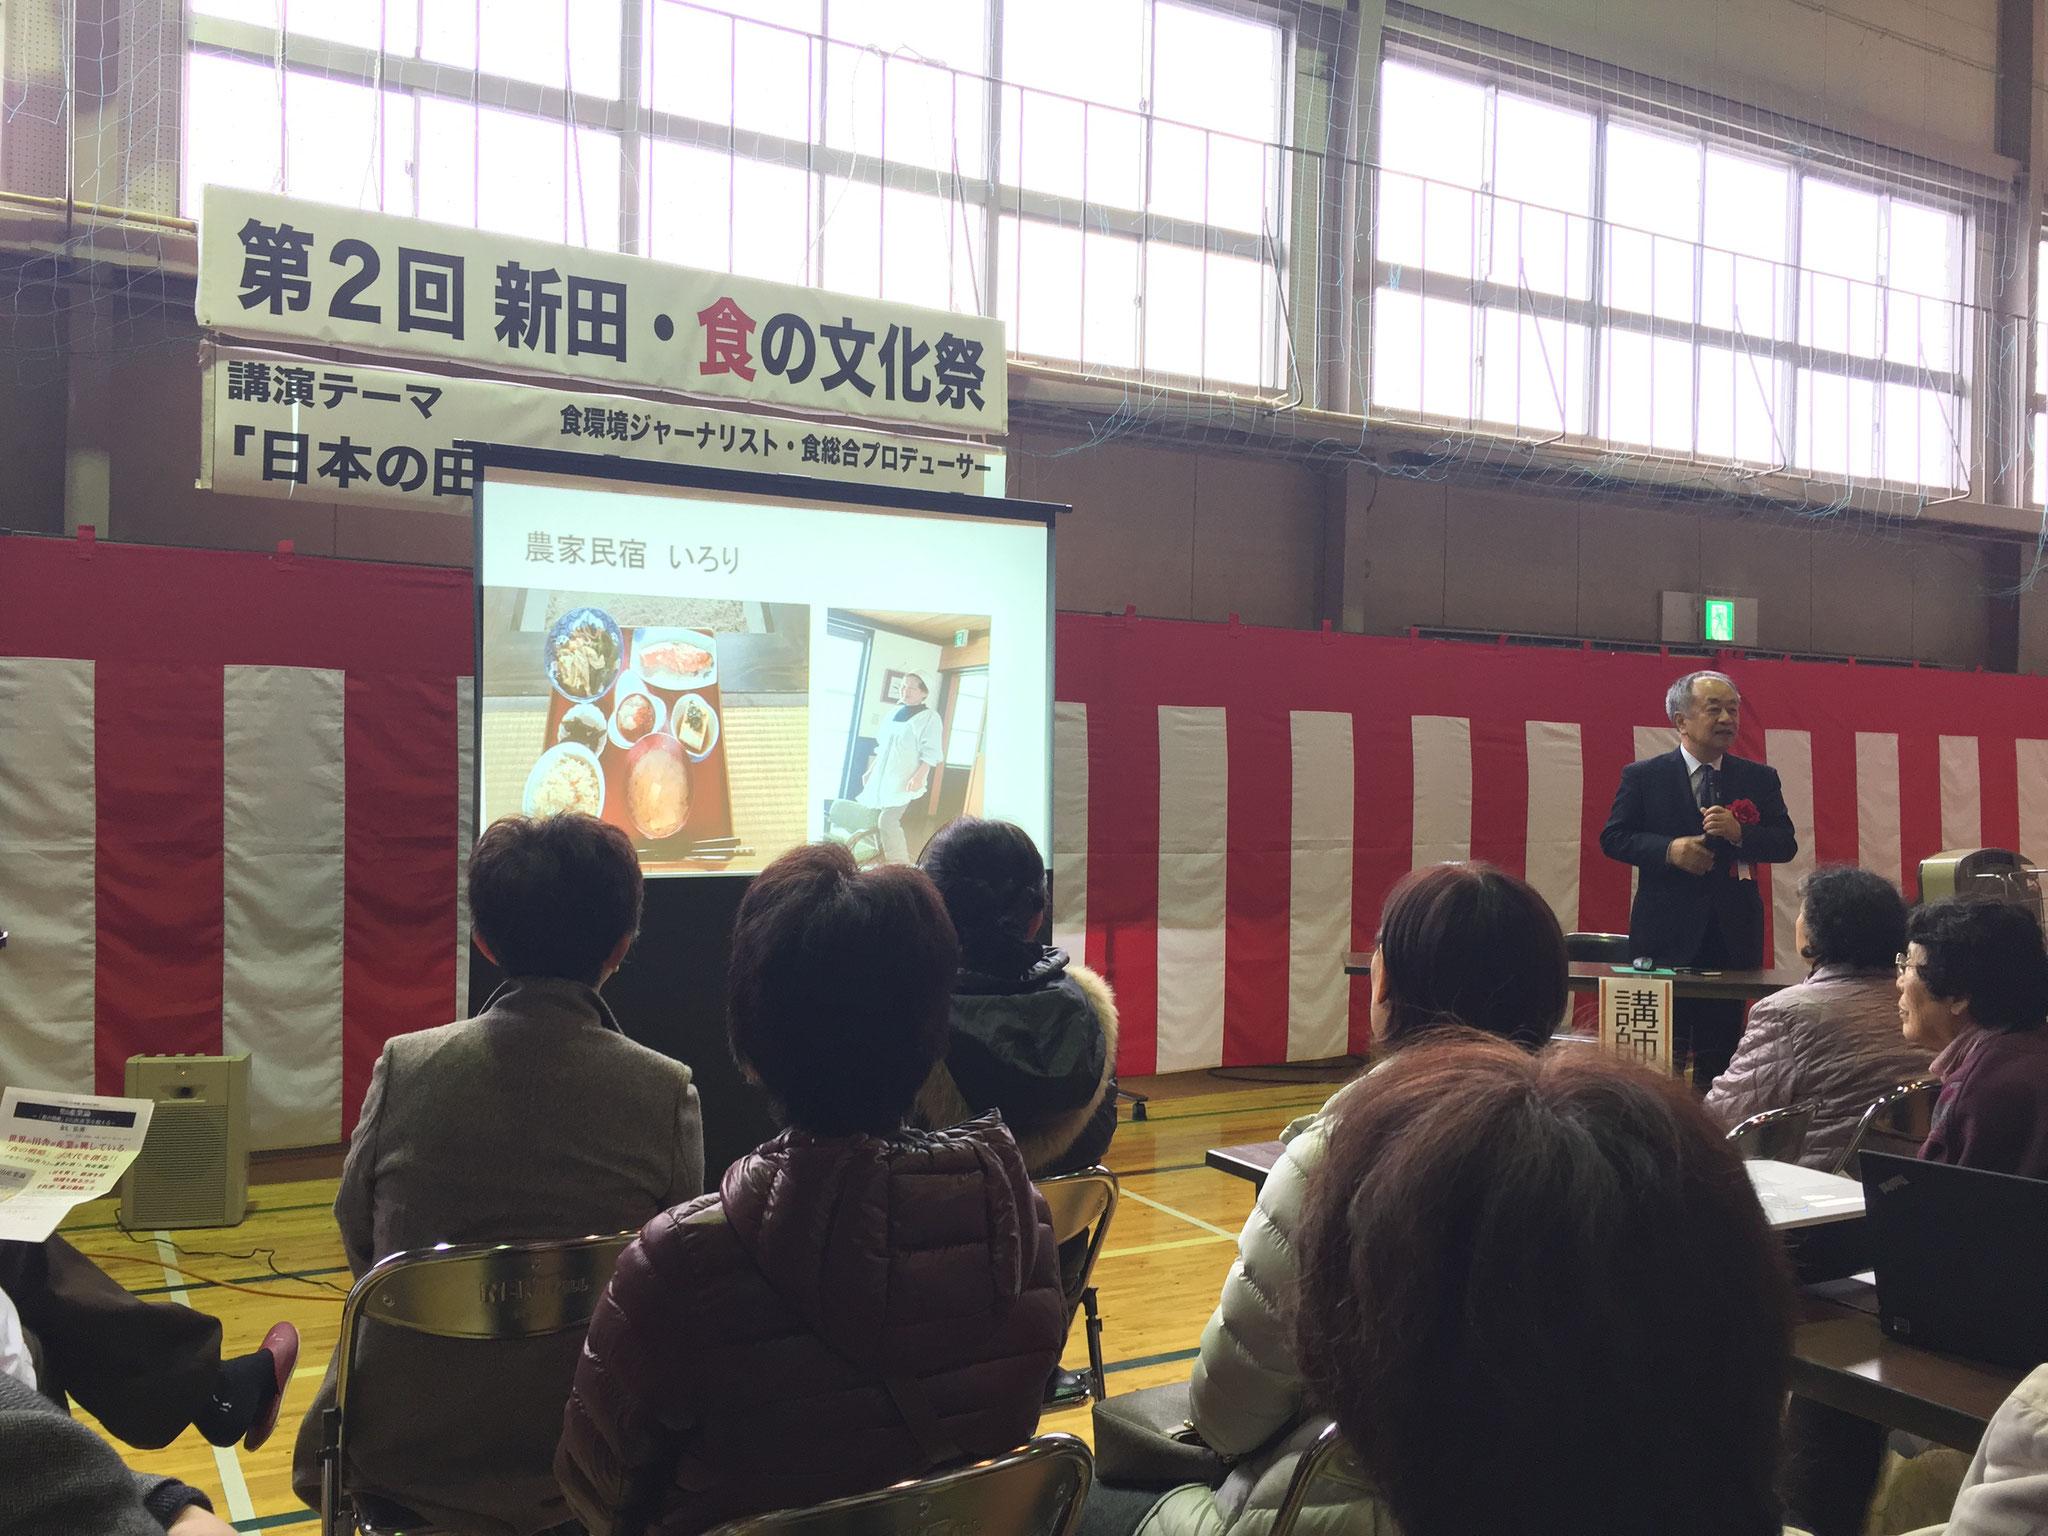 食の文化祭、特別講演をしてくださった食環境ジャーナリストの金丸弘美先生。お母さんたちが、食を通じて地域を元気にしている事例を紹介してくださいました。